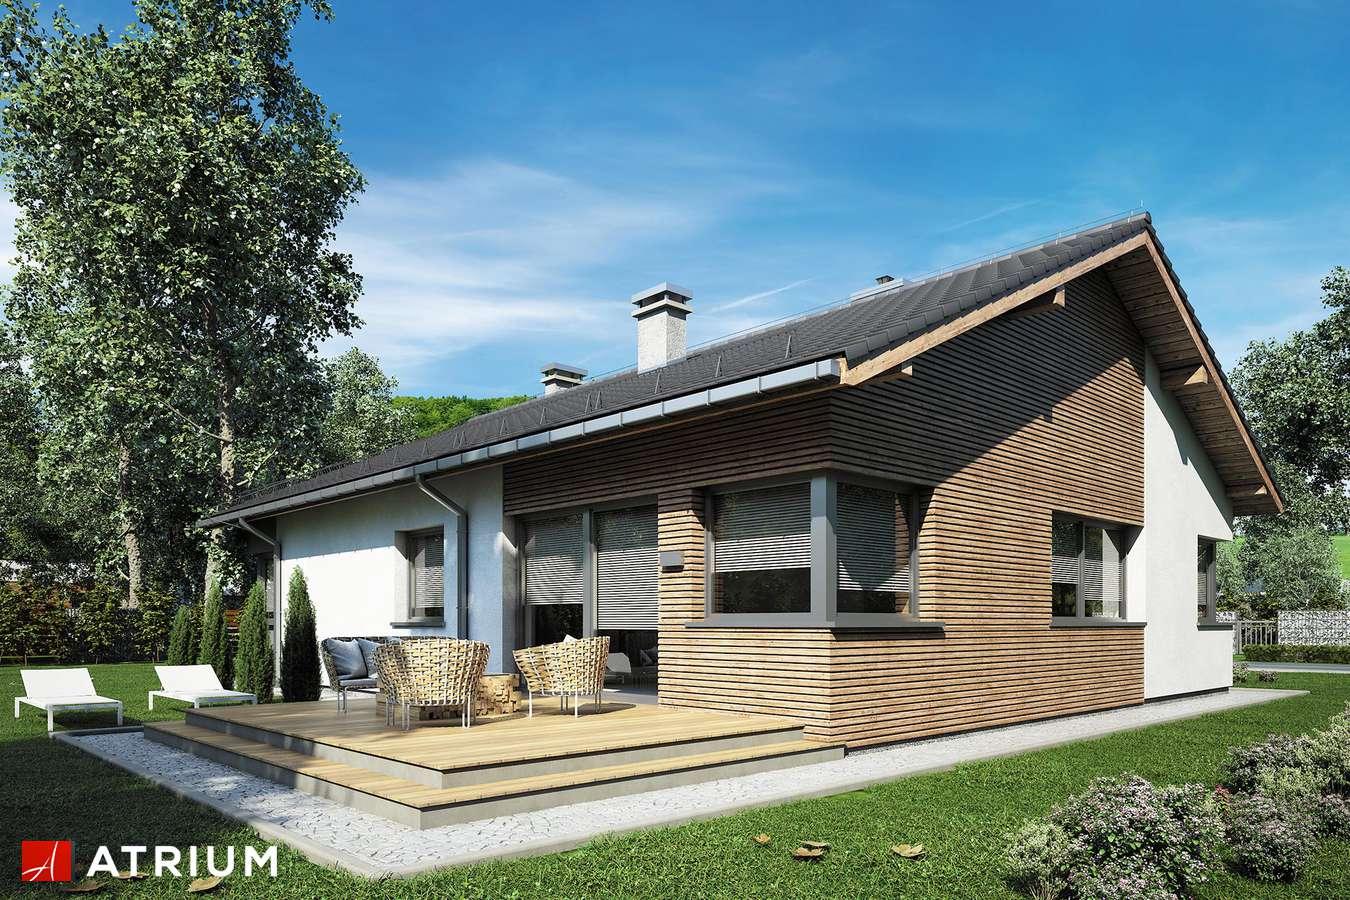 Projekty domów - Projekt domu parterowego MINORKA - wizualizacja 1 - wersja lustrzana